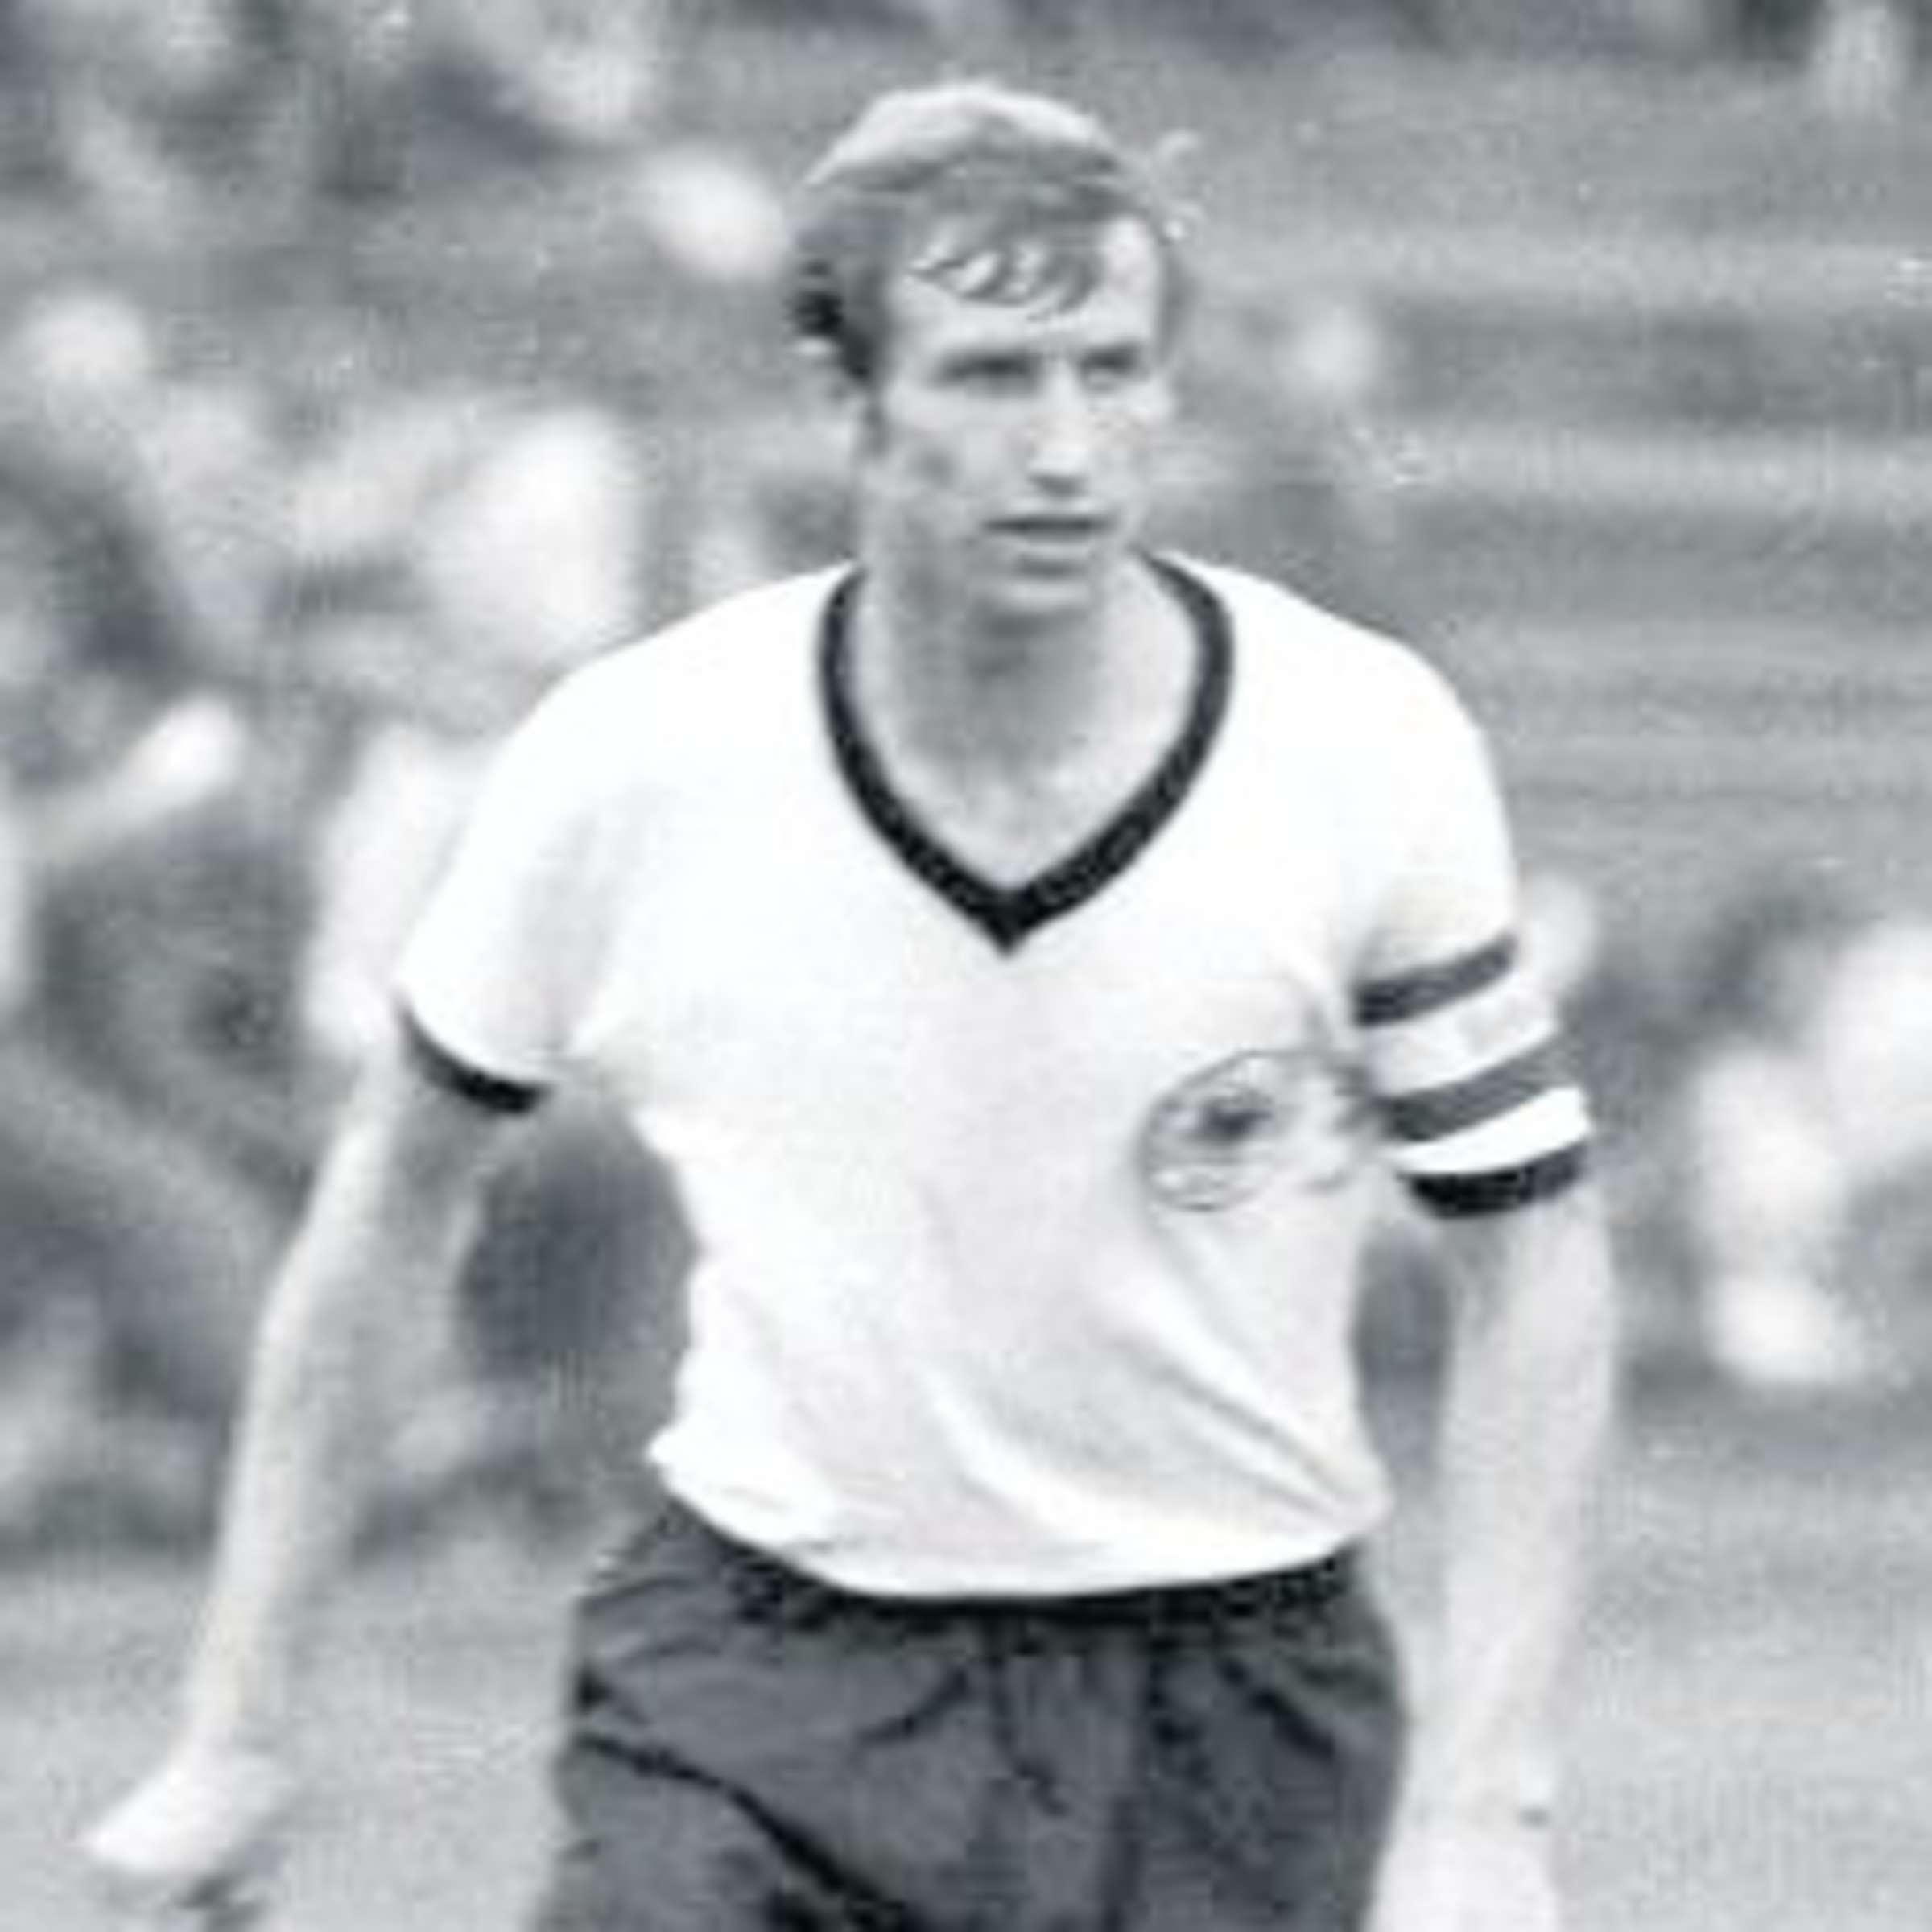 Ehemaliger Offenbacher Kicker Erinnert Sich An Tragodie Bei Olympischen Spielen In Munchen 1972 Offenbach